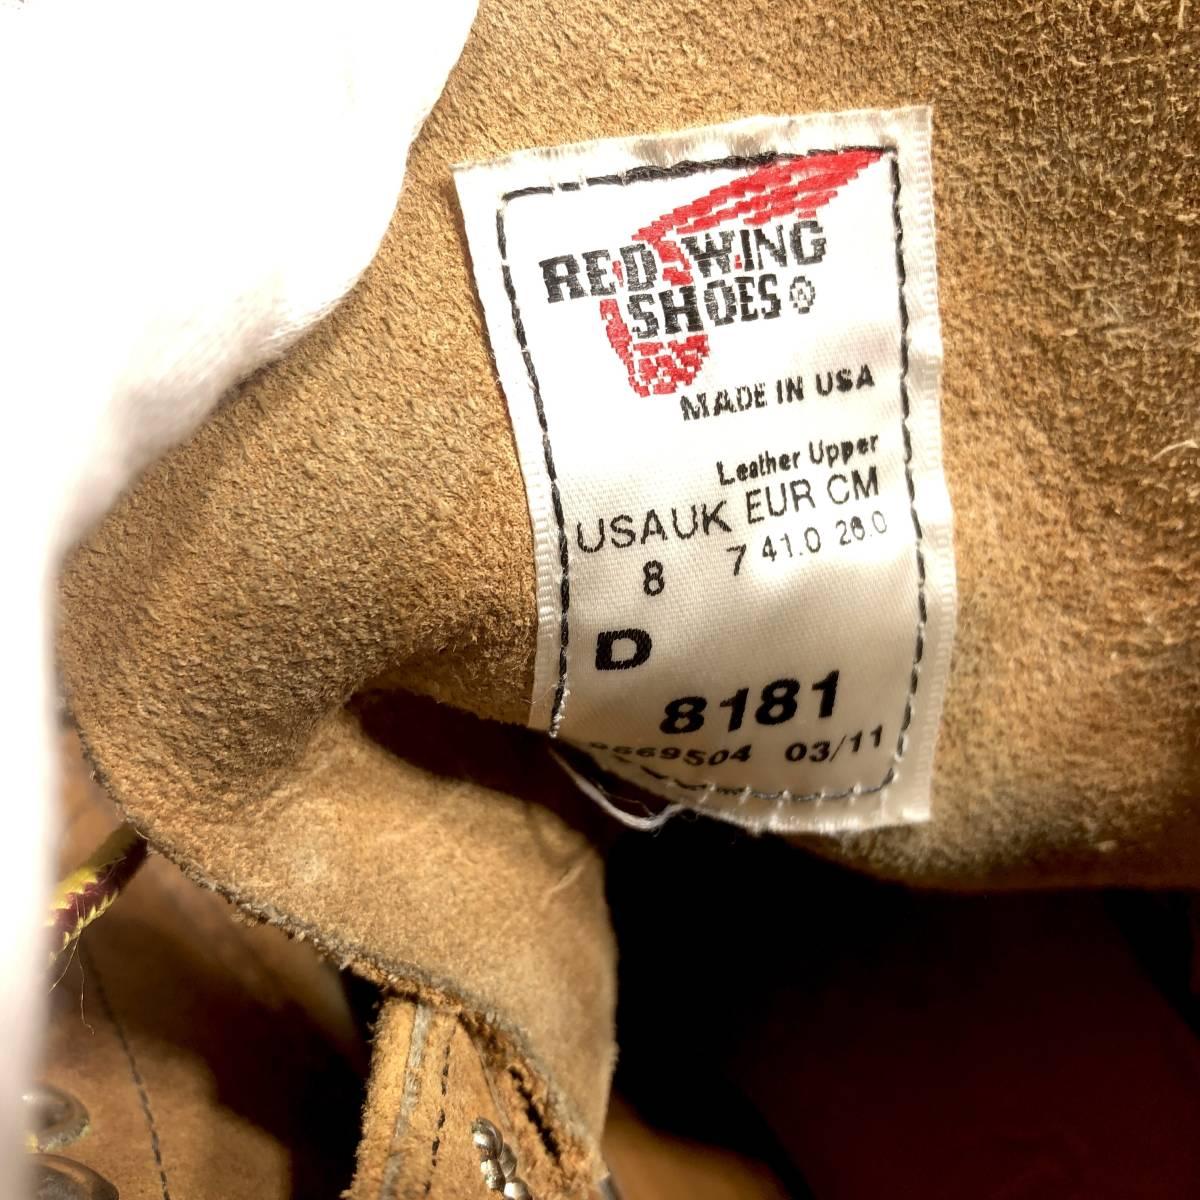 ■RED WING 8181■ 26cm US8D 茶 ブラウン レッドウィング ショートカットブーツ メンズ 革靴 靴 くつ ブーツ 即決_画像6